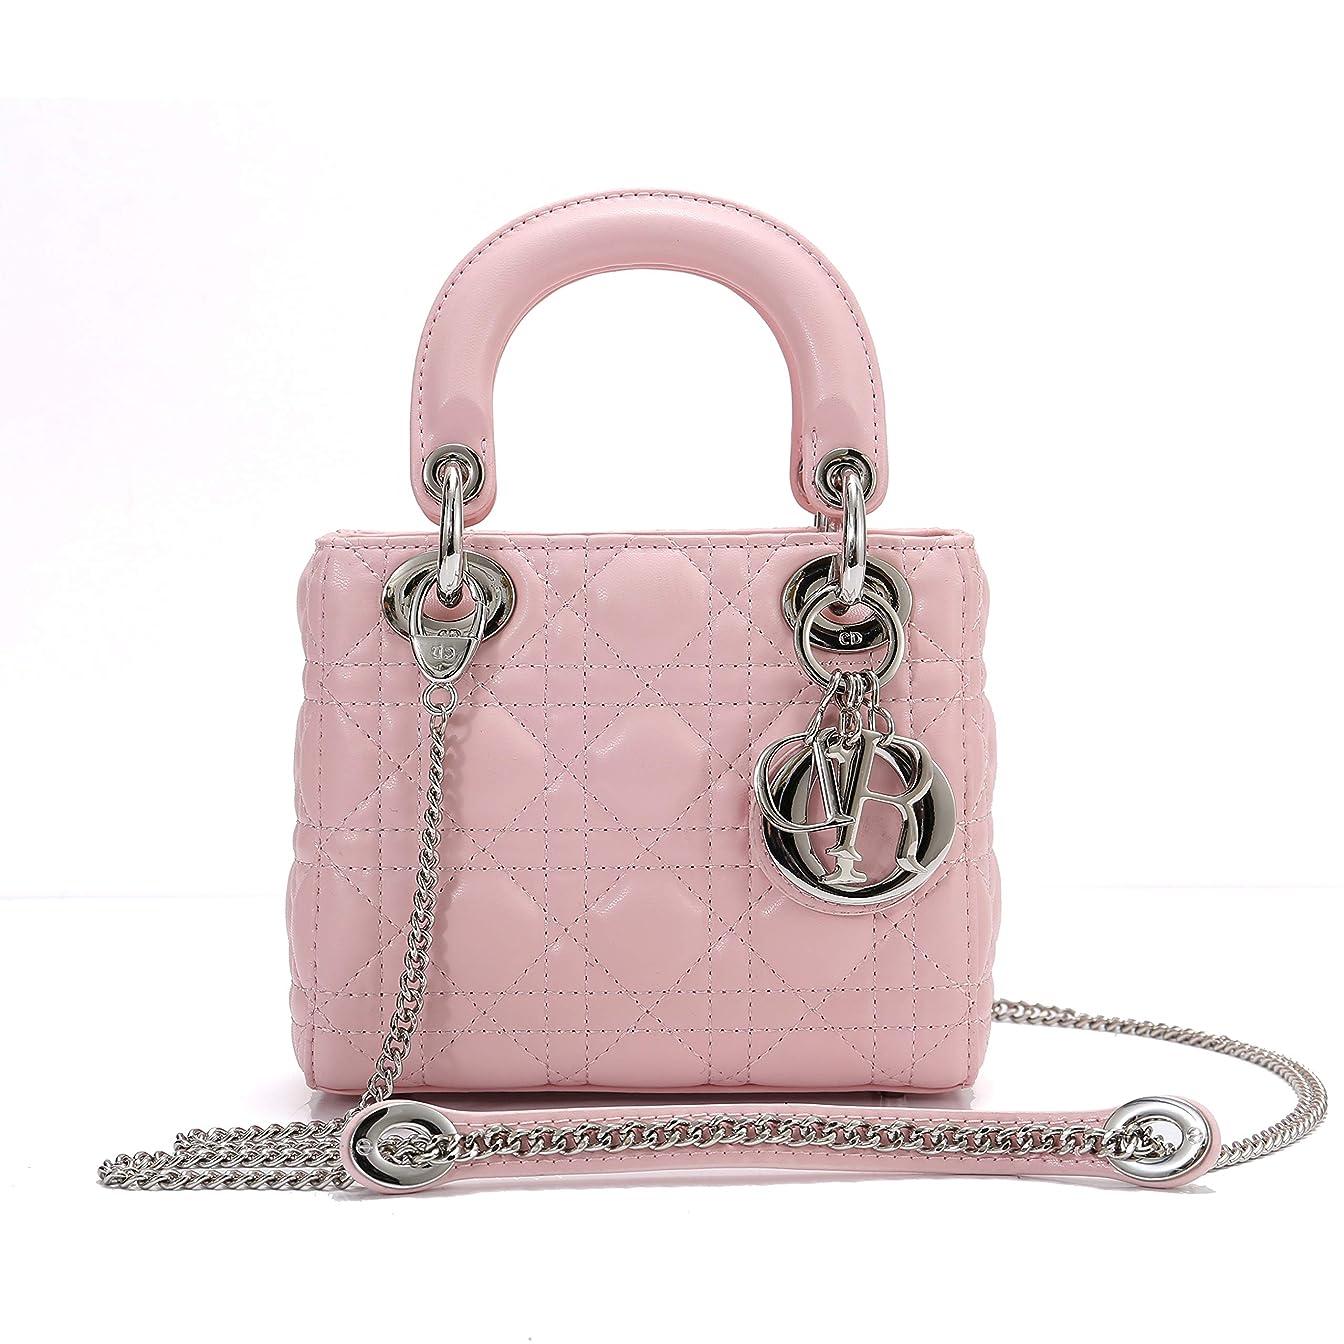 理解生じる地域Dior(ディオール) M0505PCAL ラムスキン LADY DIOR バッグ チェーン ミニバッグ [並行輸入品]